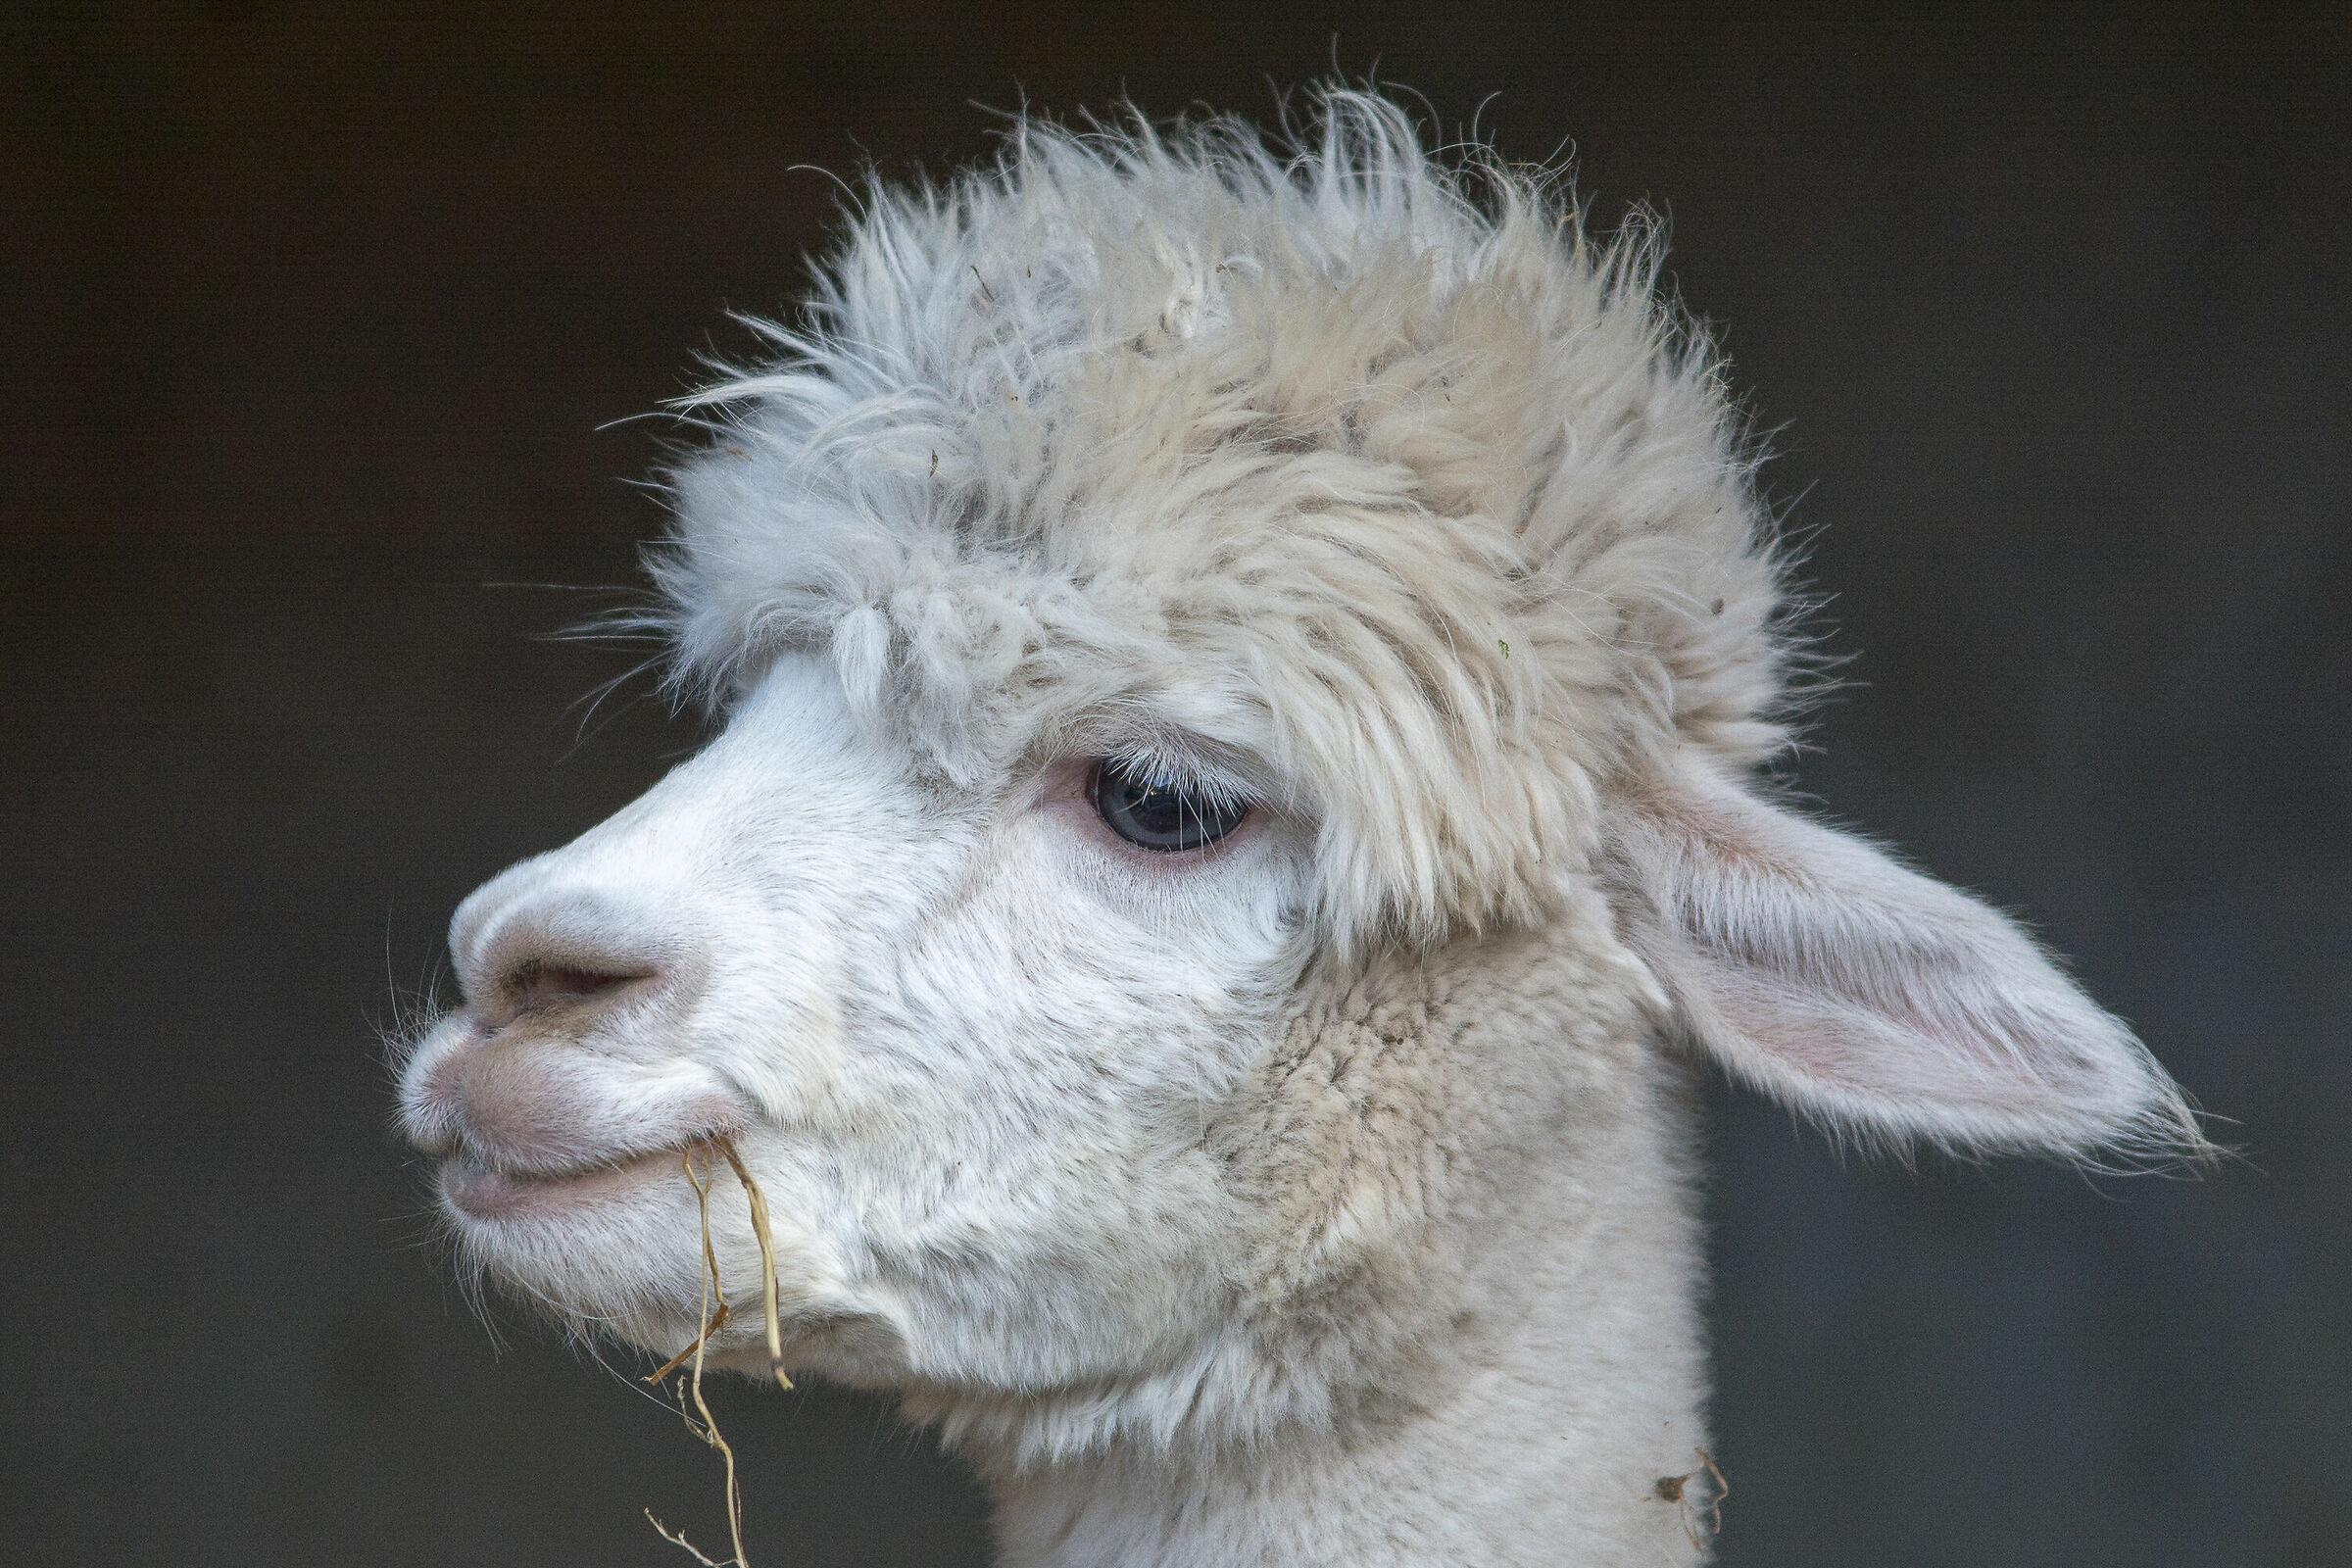 The Cute Alpaca...